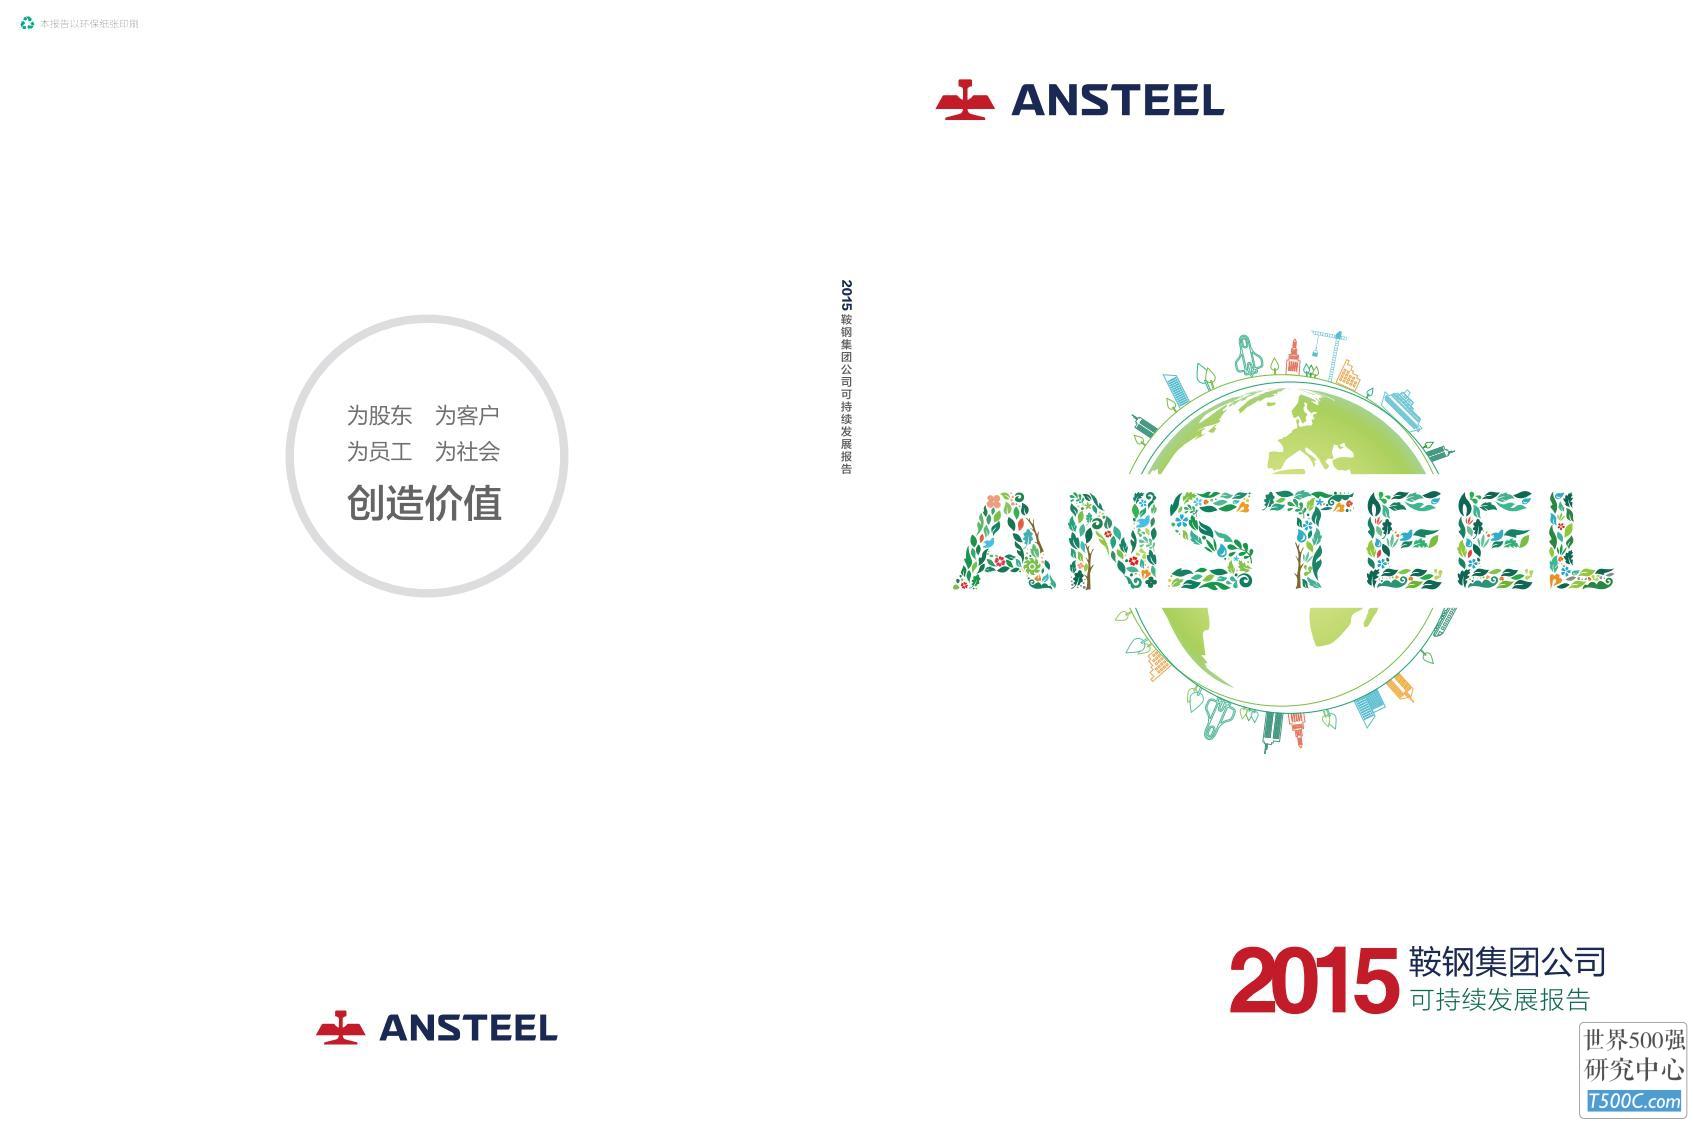 鞍钢集团公司2015年可持续发展报告